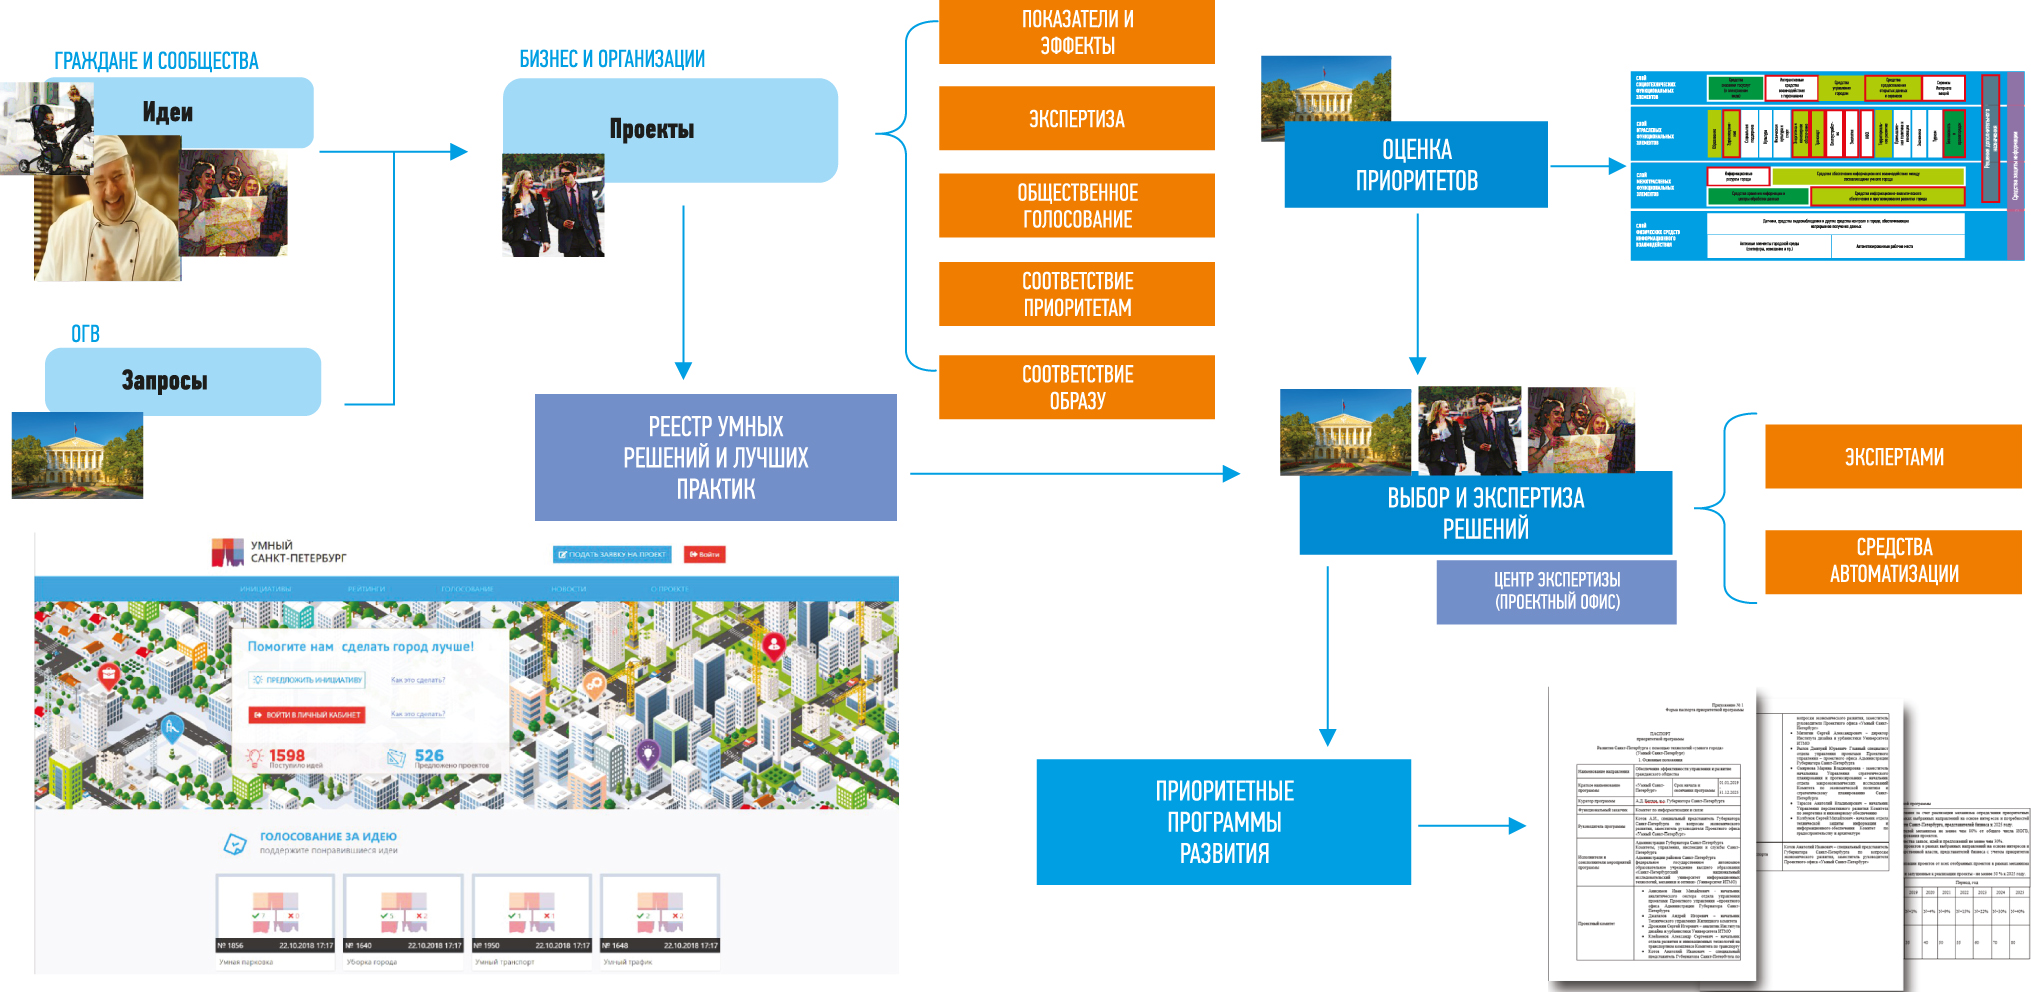 Порядок отбора и экспертизы проектов в проектном офисе «Умный Санкт-Петербург»